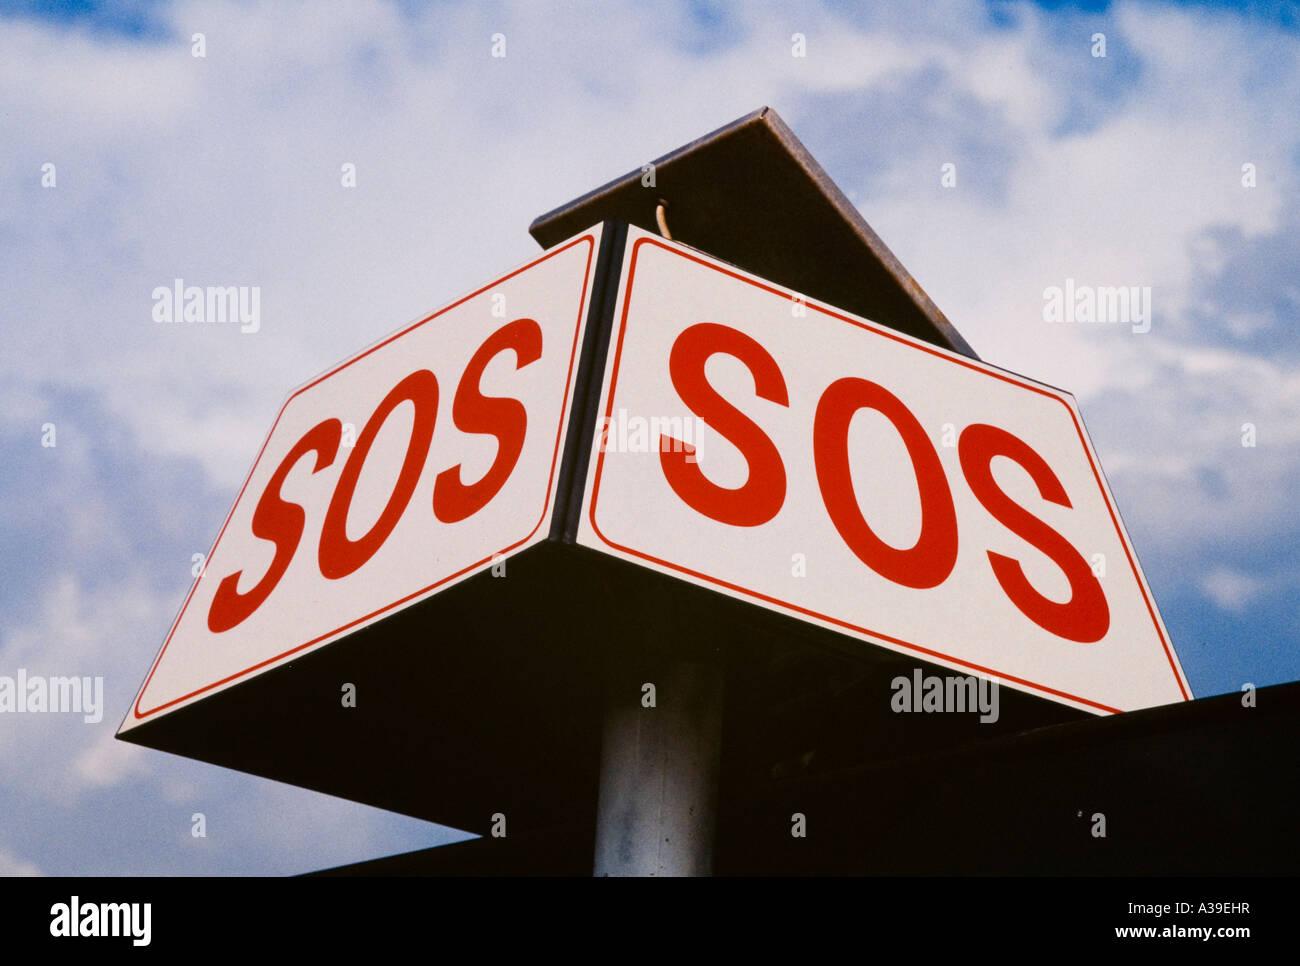 Cartello, avvertenze, aiuto di salvataggio, rosso, bianco, scritto dal di sotto, sky, nuvole, gioco Immagini Stock